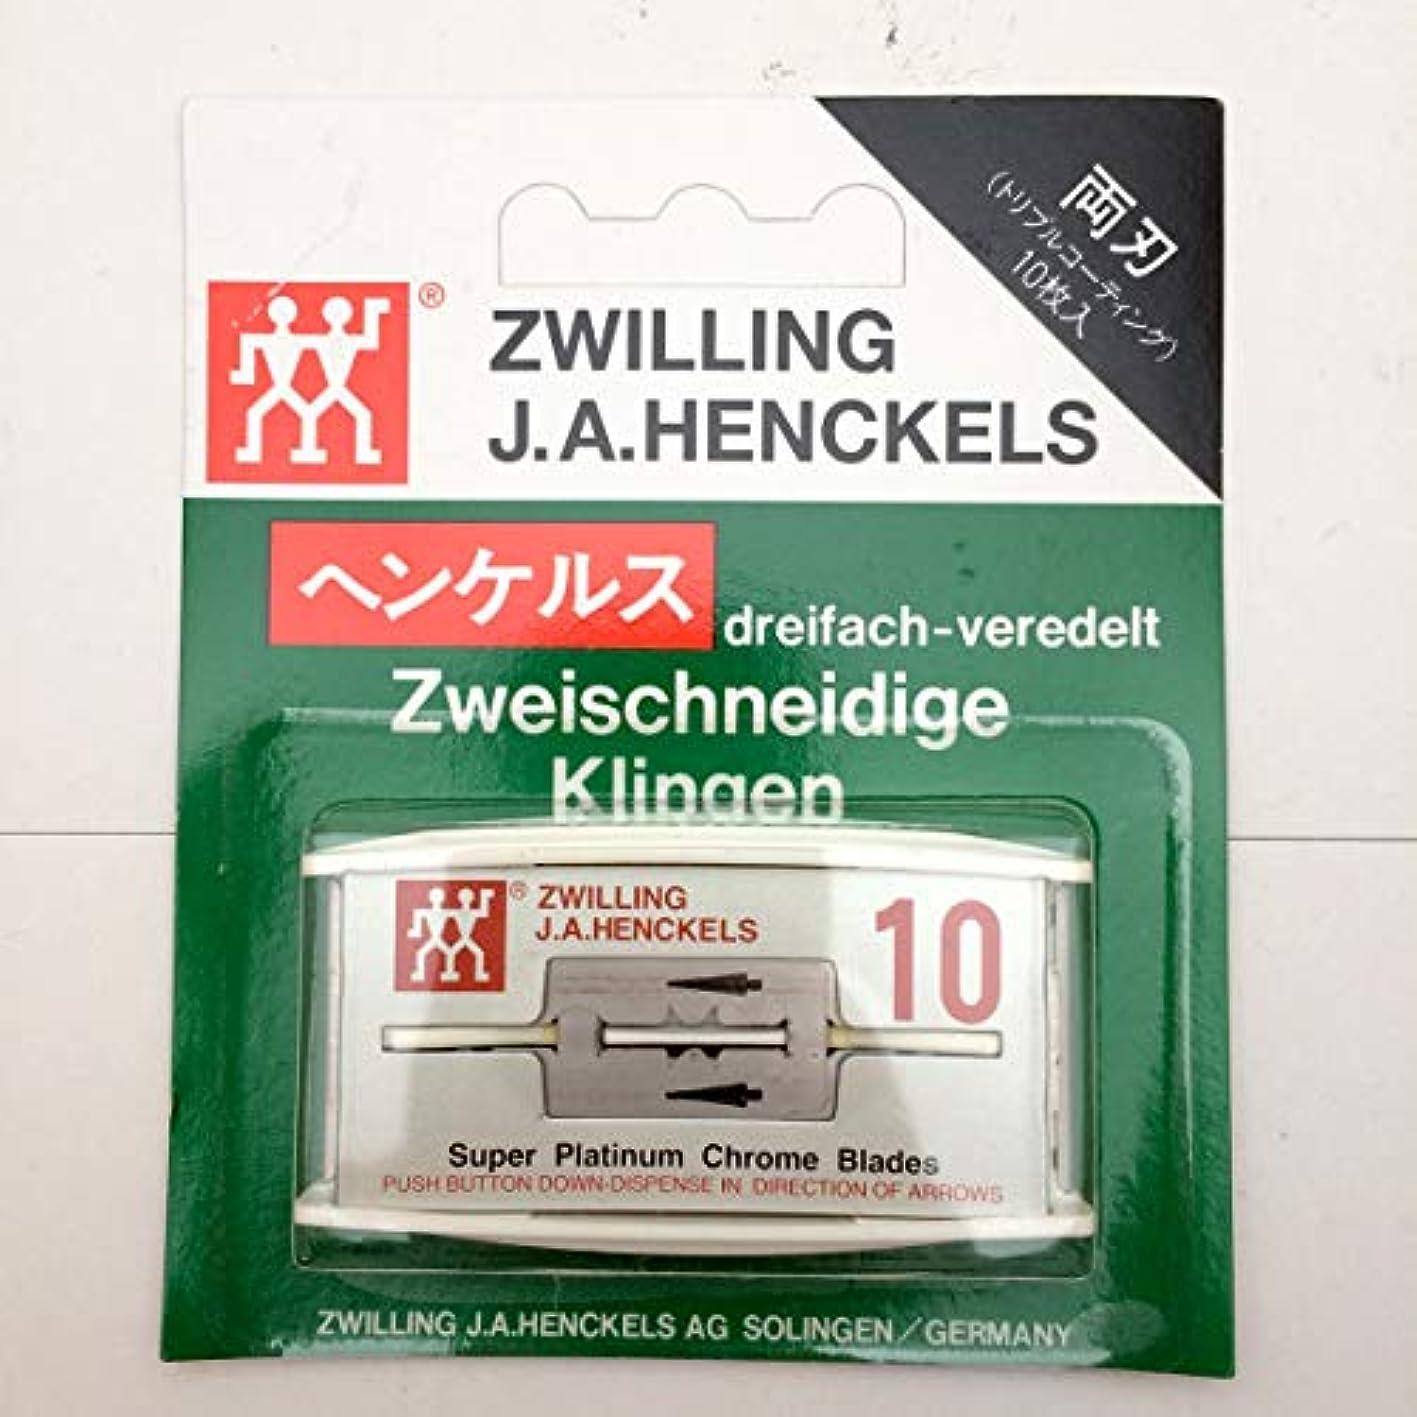 無関心謎めいた危険【ヴィンテージ品?数量限定】ツヴィリング J.A. ヘンケルス 両刃 カミソリ 剃刀 替刃 3層コート 10枚入 未開封新品 Vintage 10 Zwilling J.A. Henckels double edge razor...